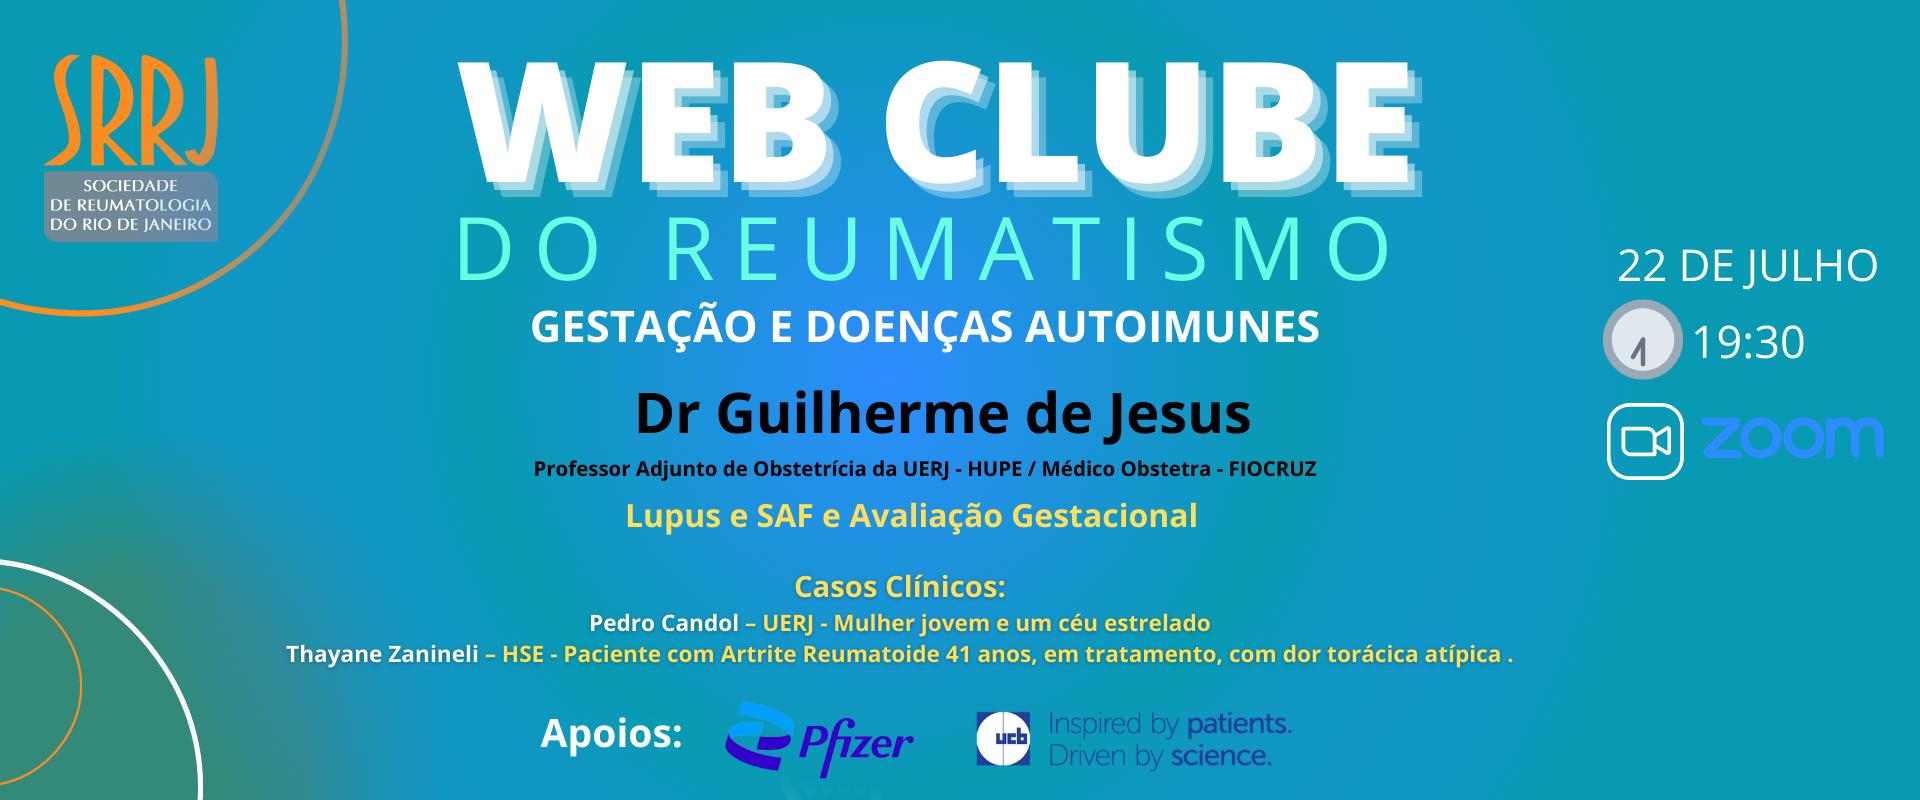 WEB CLUBE DO REUMATISMO – GESTAÇÃO E DOENÇAS AUTOIMUNES